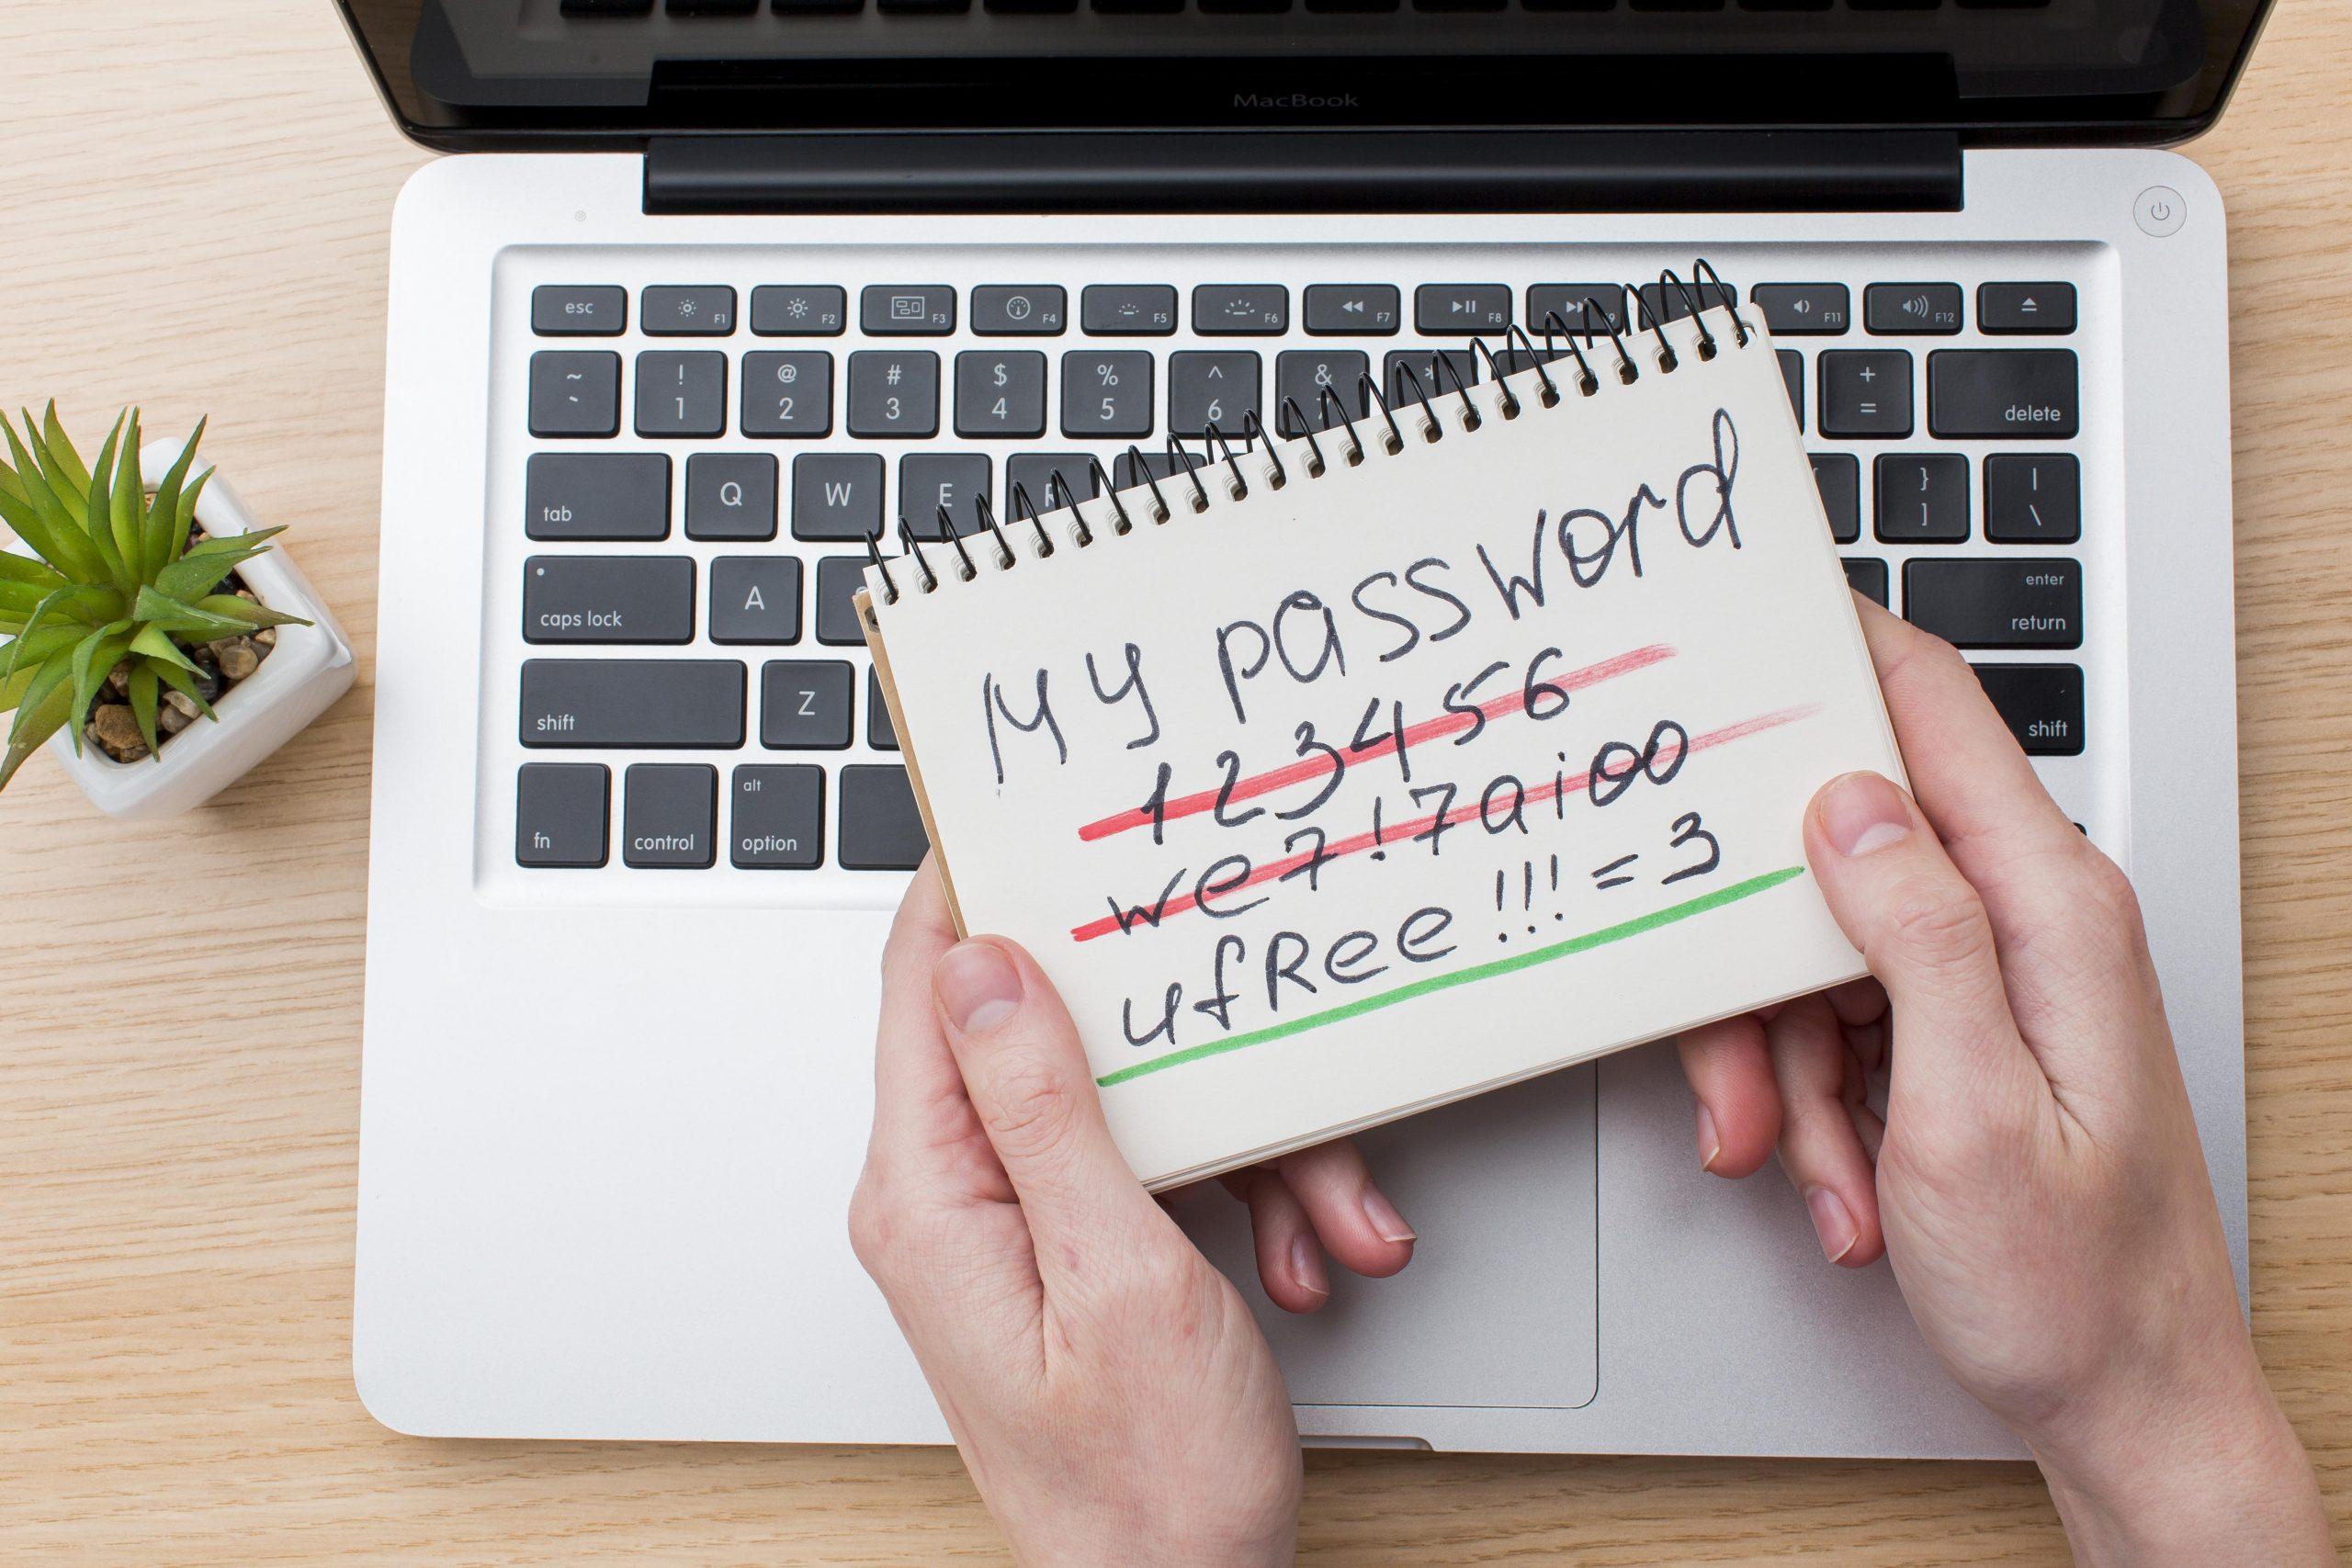 Sicheres Passwort - Cyberkriminalität